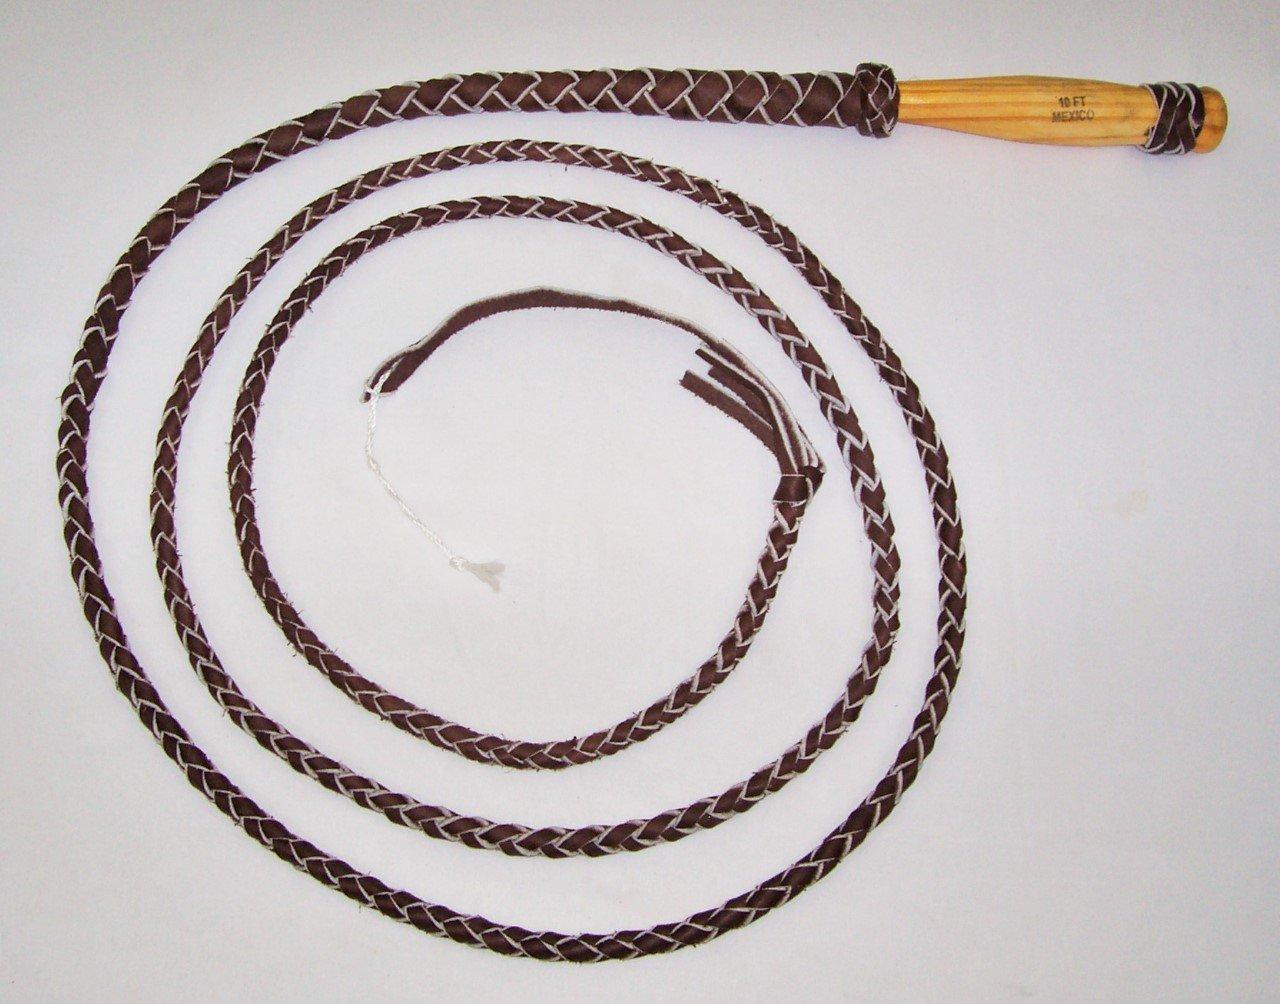 10足4 PlaitダークブラウンRealレザーBull Whip木製回転ハンドル   B074X86Y23